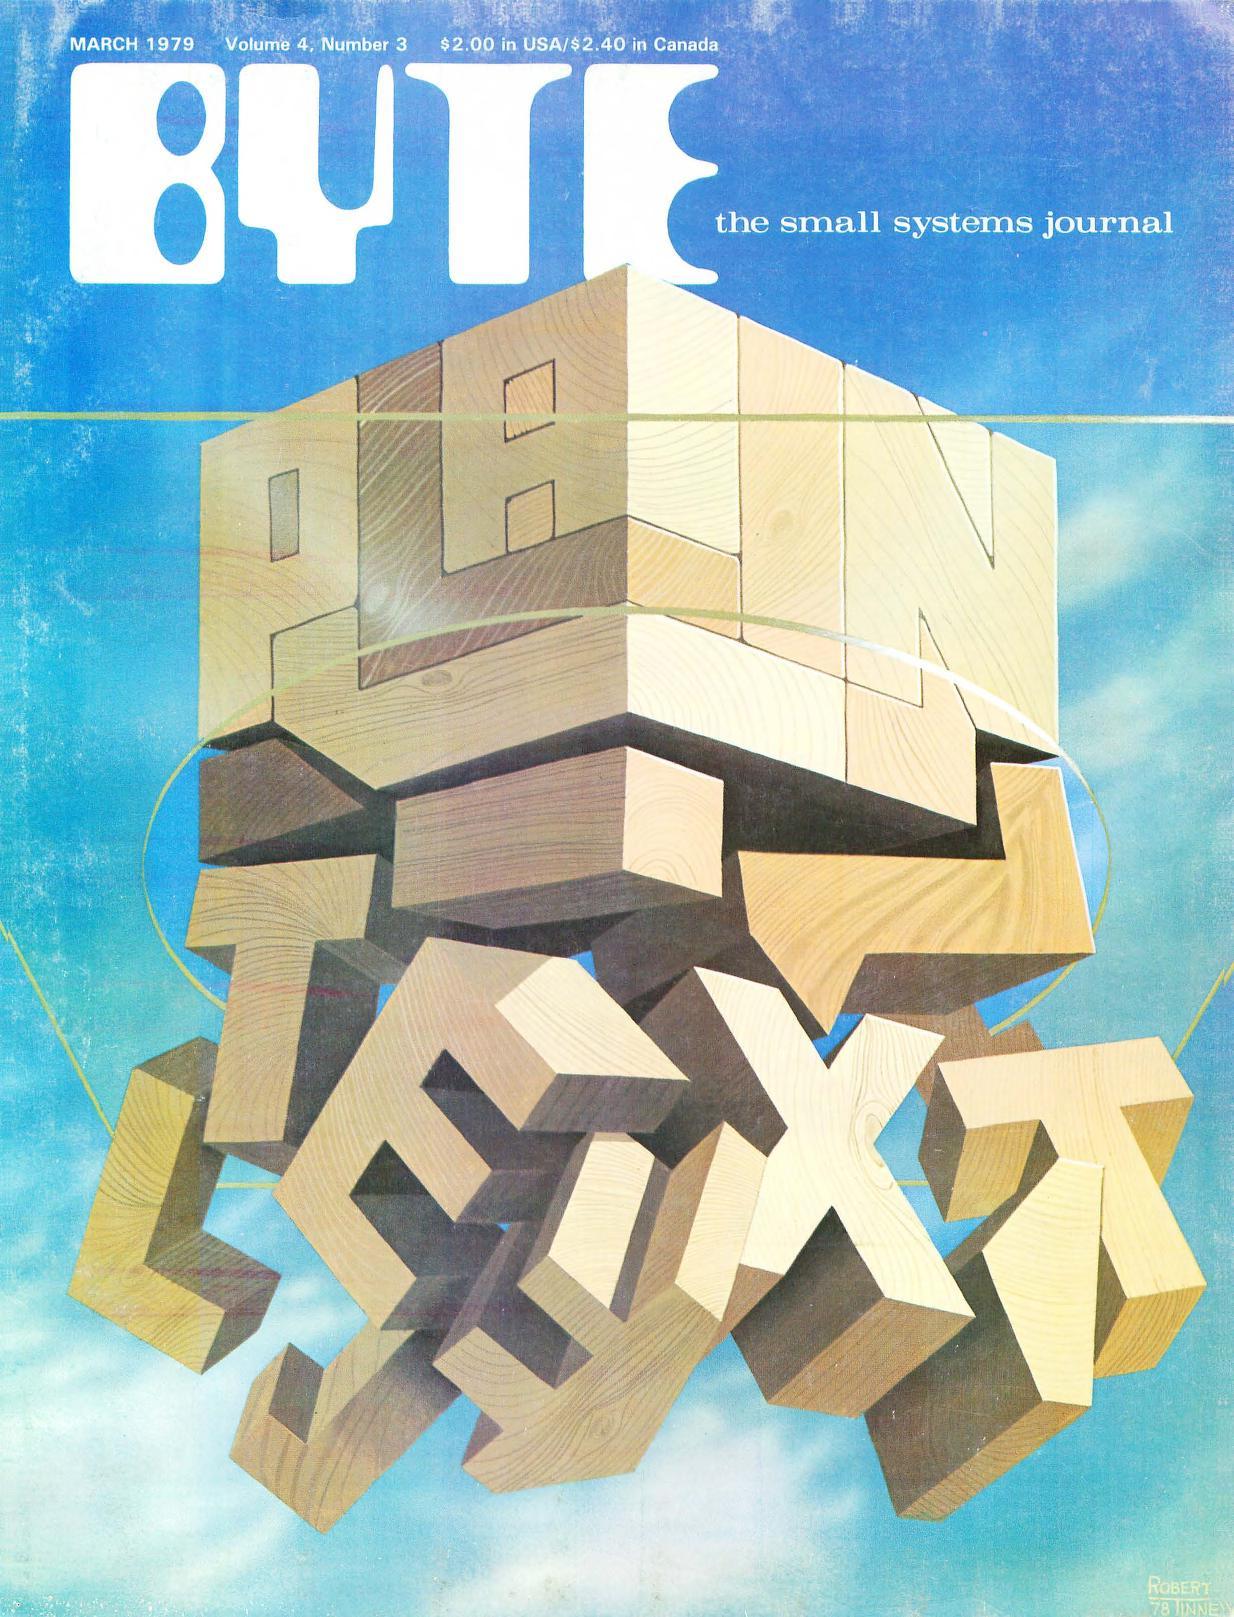 Mars 1979. Malt av Robert Tinney. Bladet inneholder blant annet artikler om kryptografi, og hvordan man kan beskytte passord.